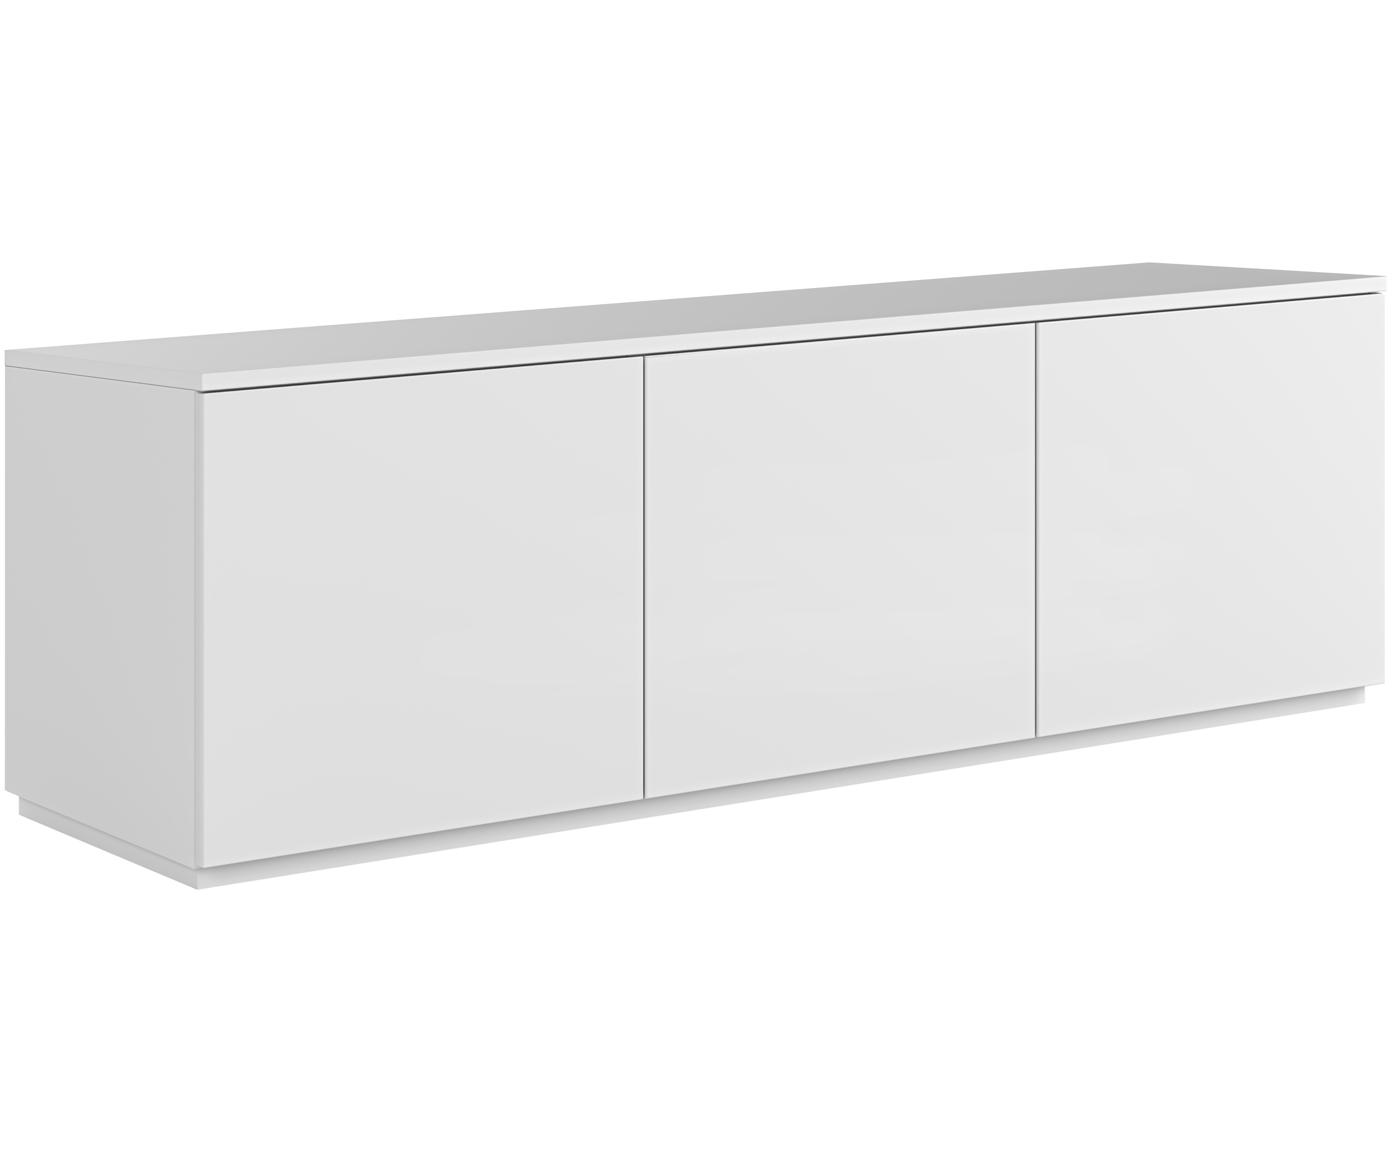 Wit dressoir Join met deuren, Gelakt MDF, Wit, 180 x 57 cm